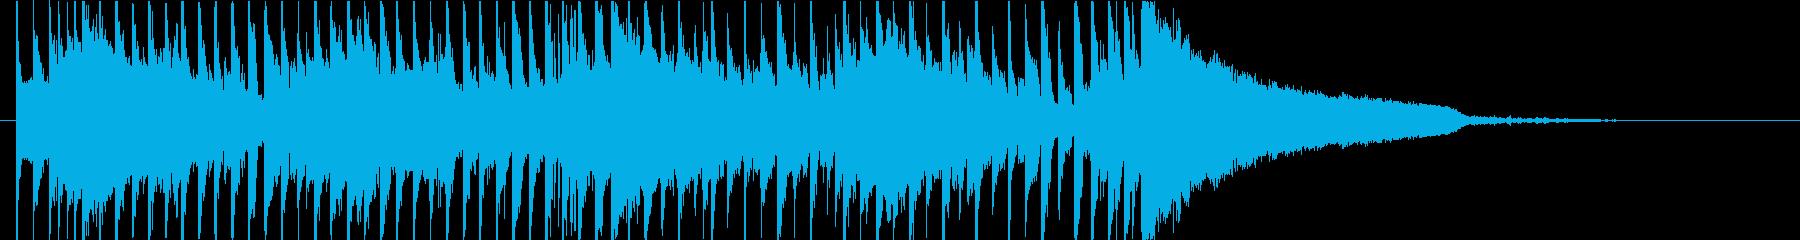 軽快なハウス・テクノ ジングルの再生済みの波形